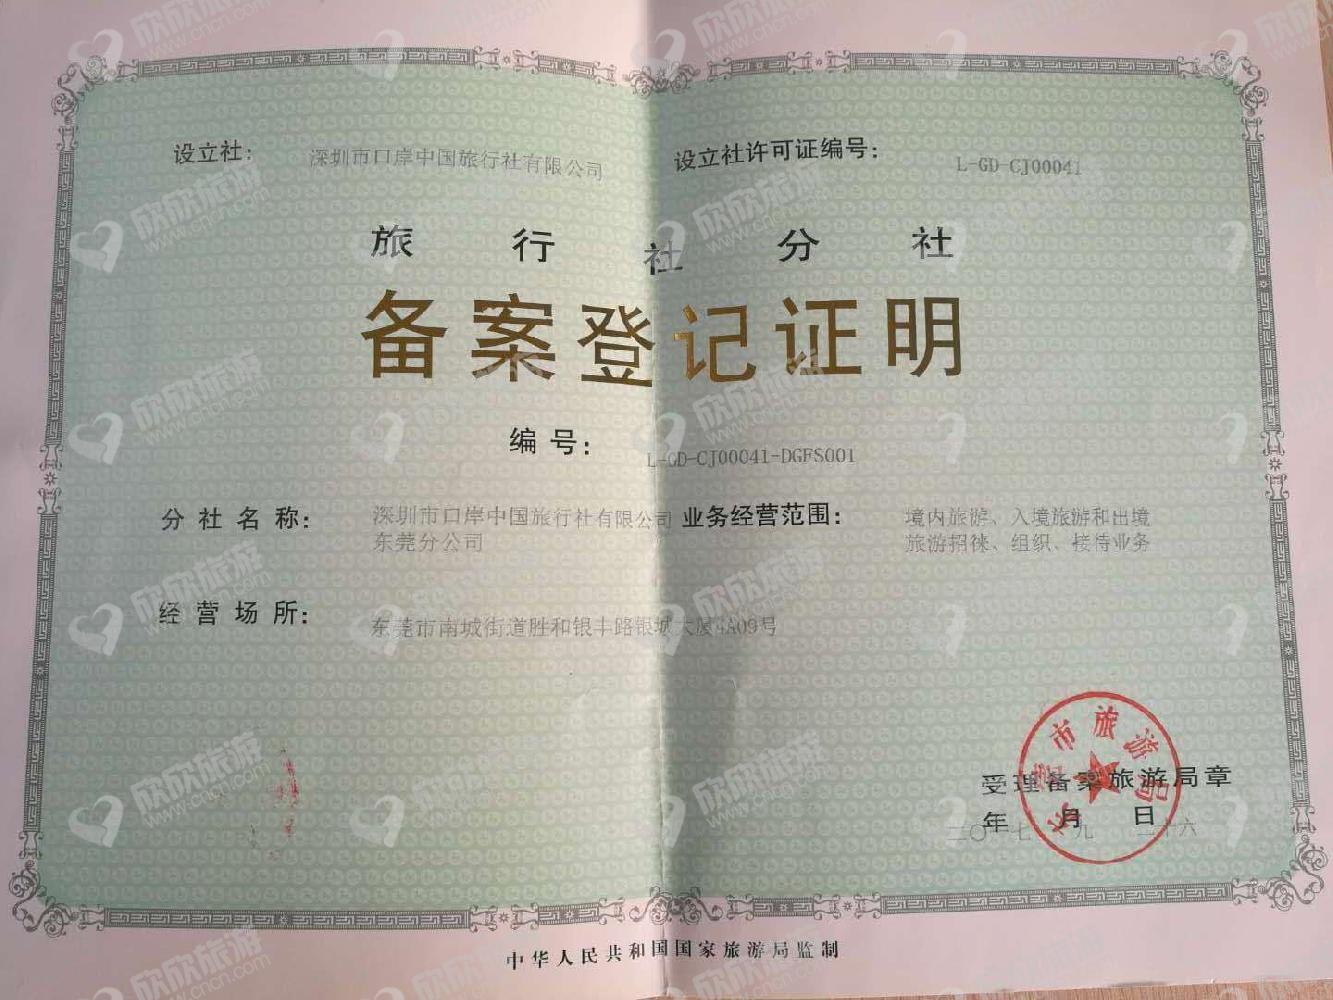 深圳市口岸中国旅行社有限公司东莞分公司经营许可证